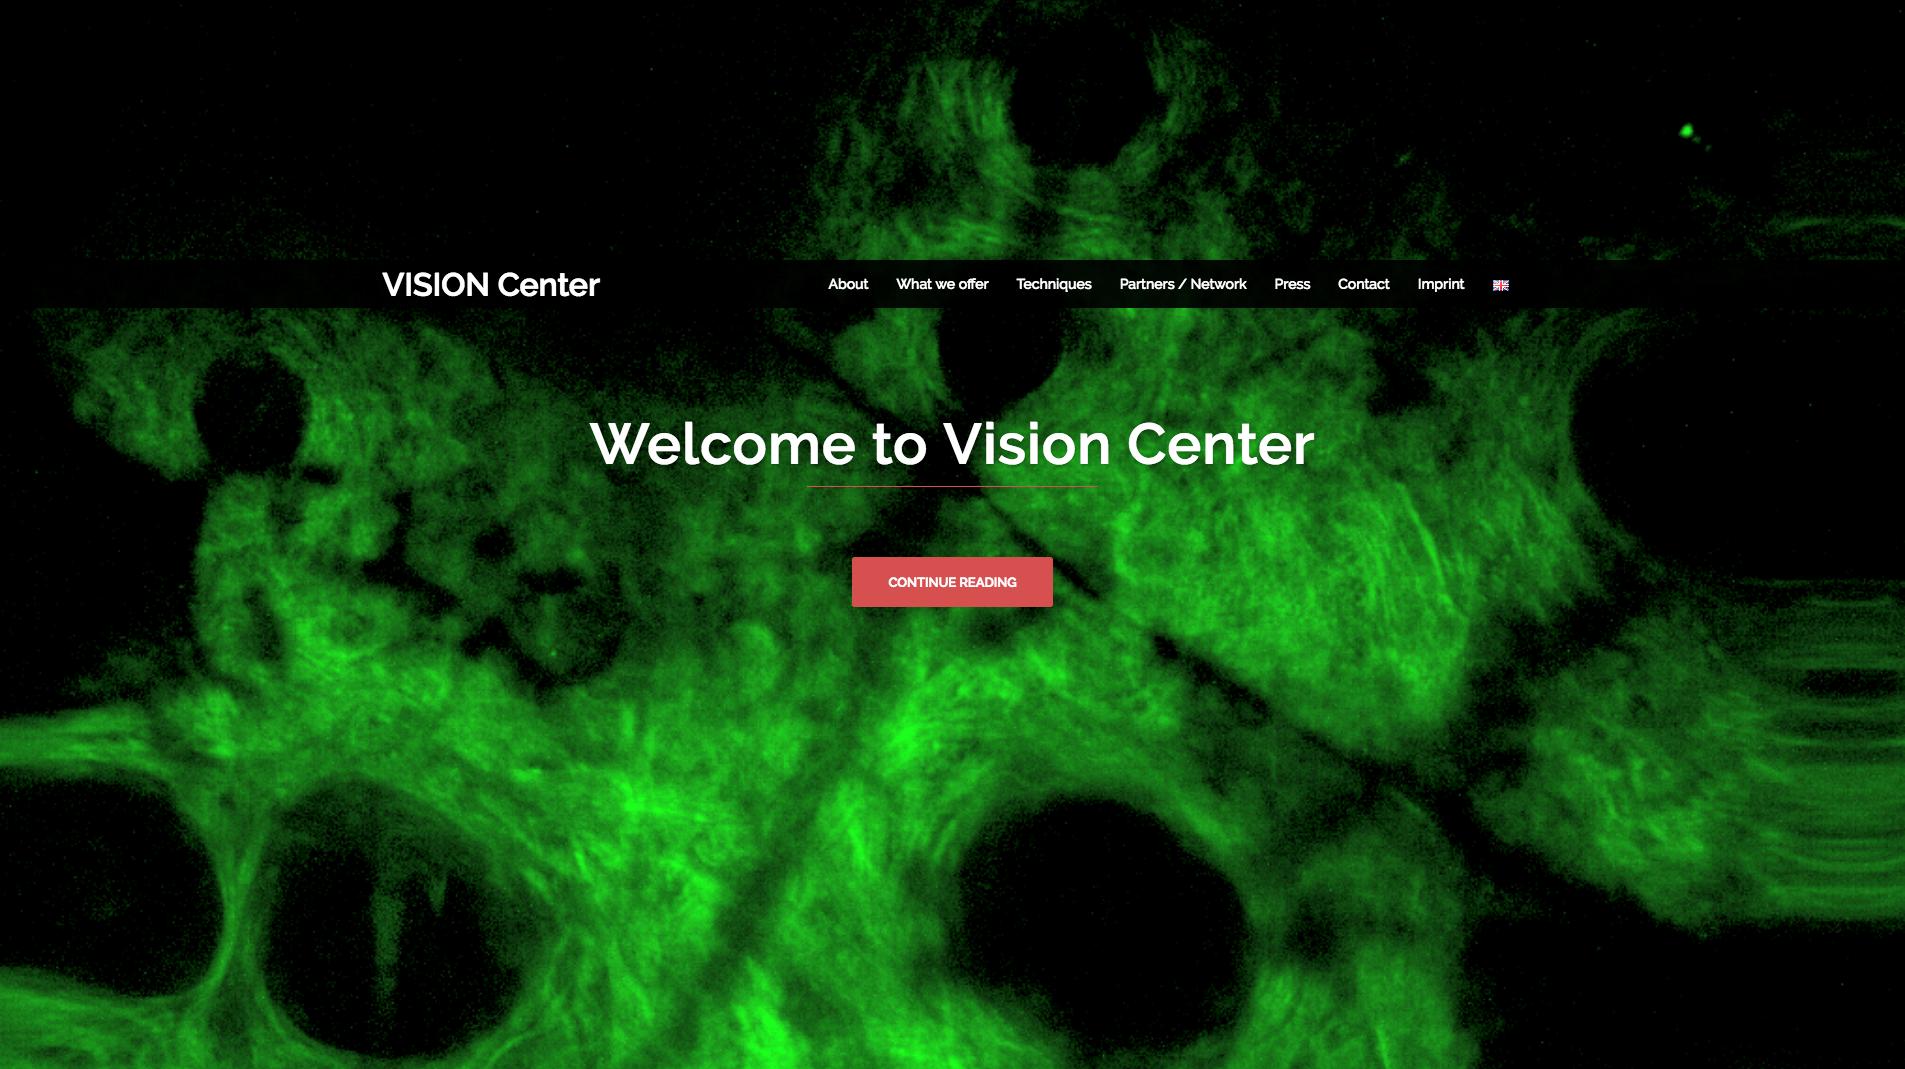 Virtuelt servicecenter VISION er nu online